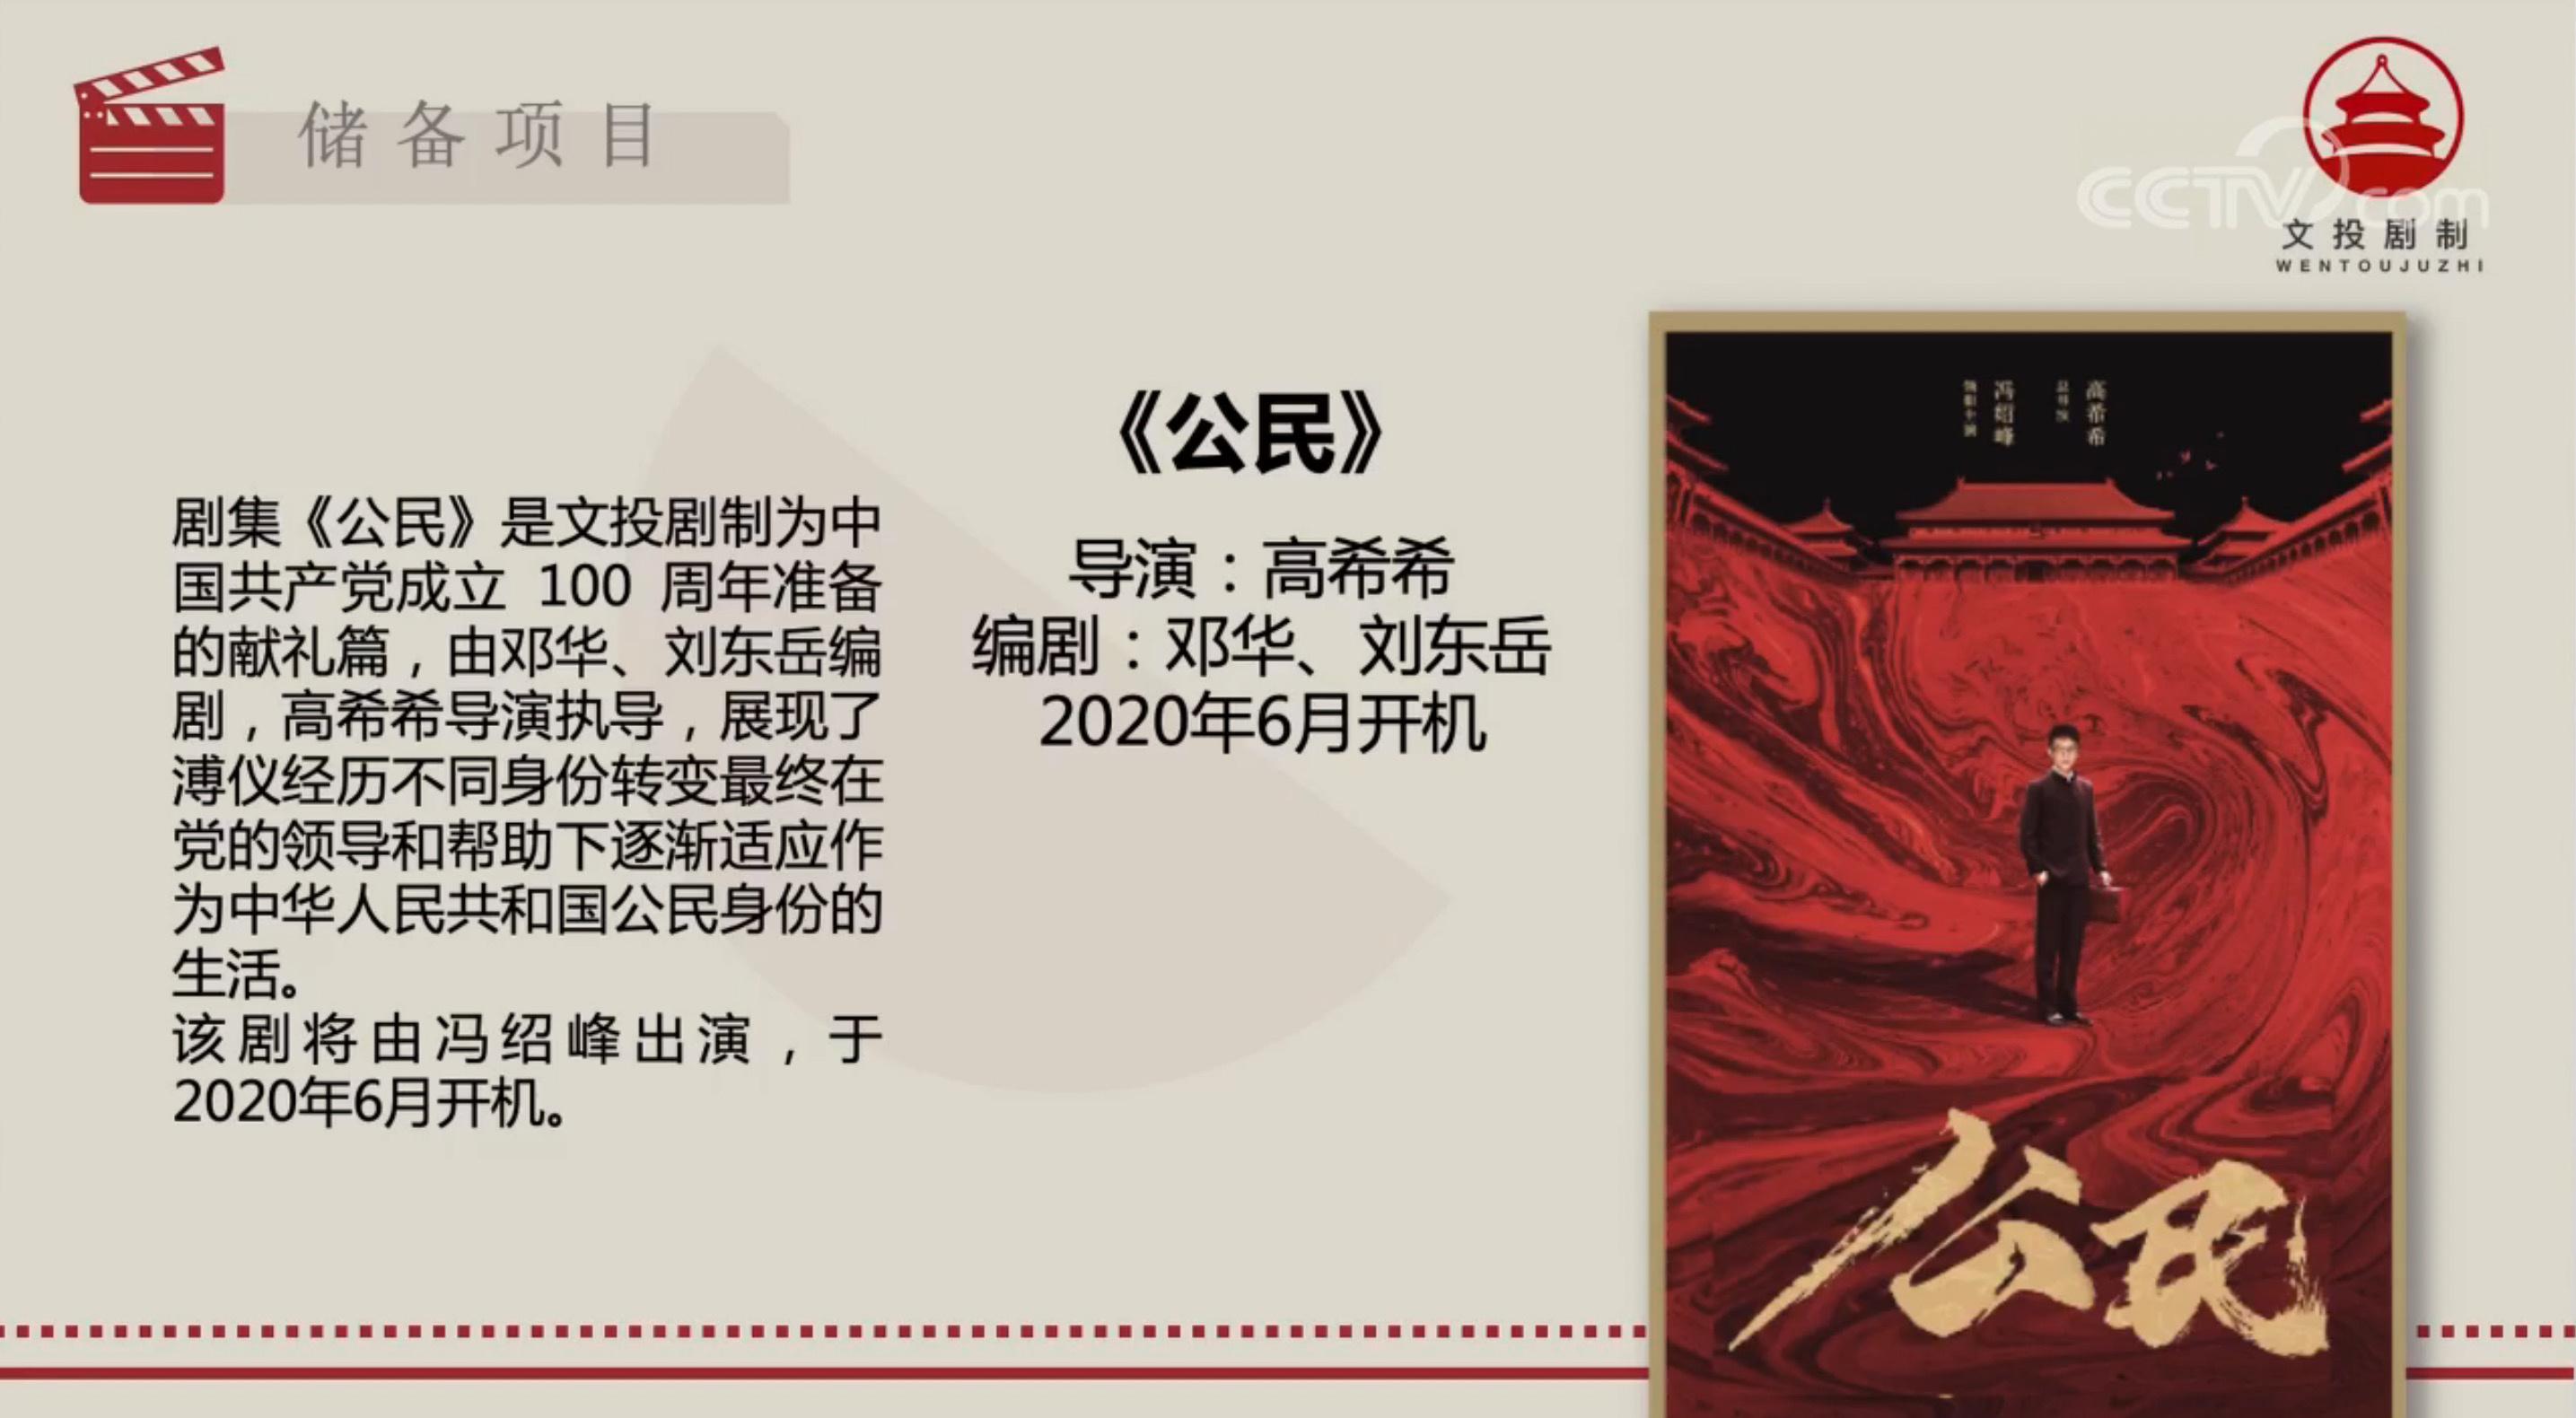 常州考试培训网:阿越小说《新宋》将拍剧 冯绍峰新作献礼建党百年 第3张